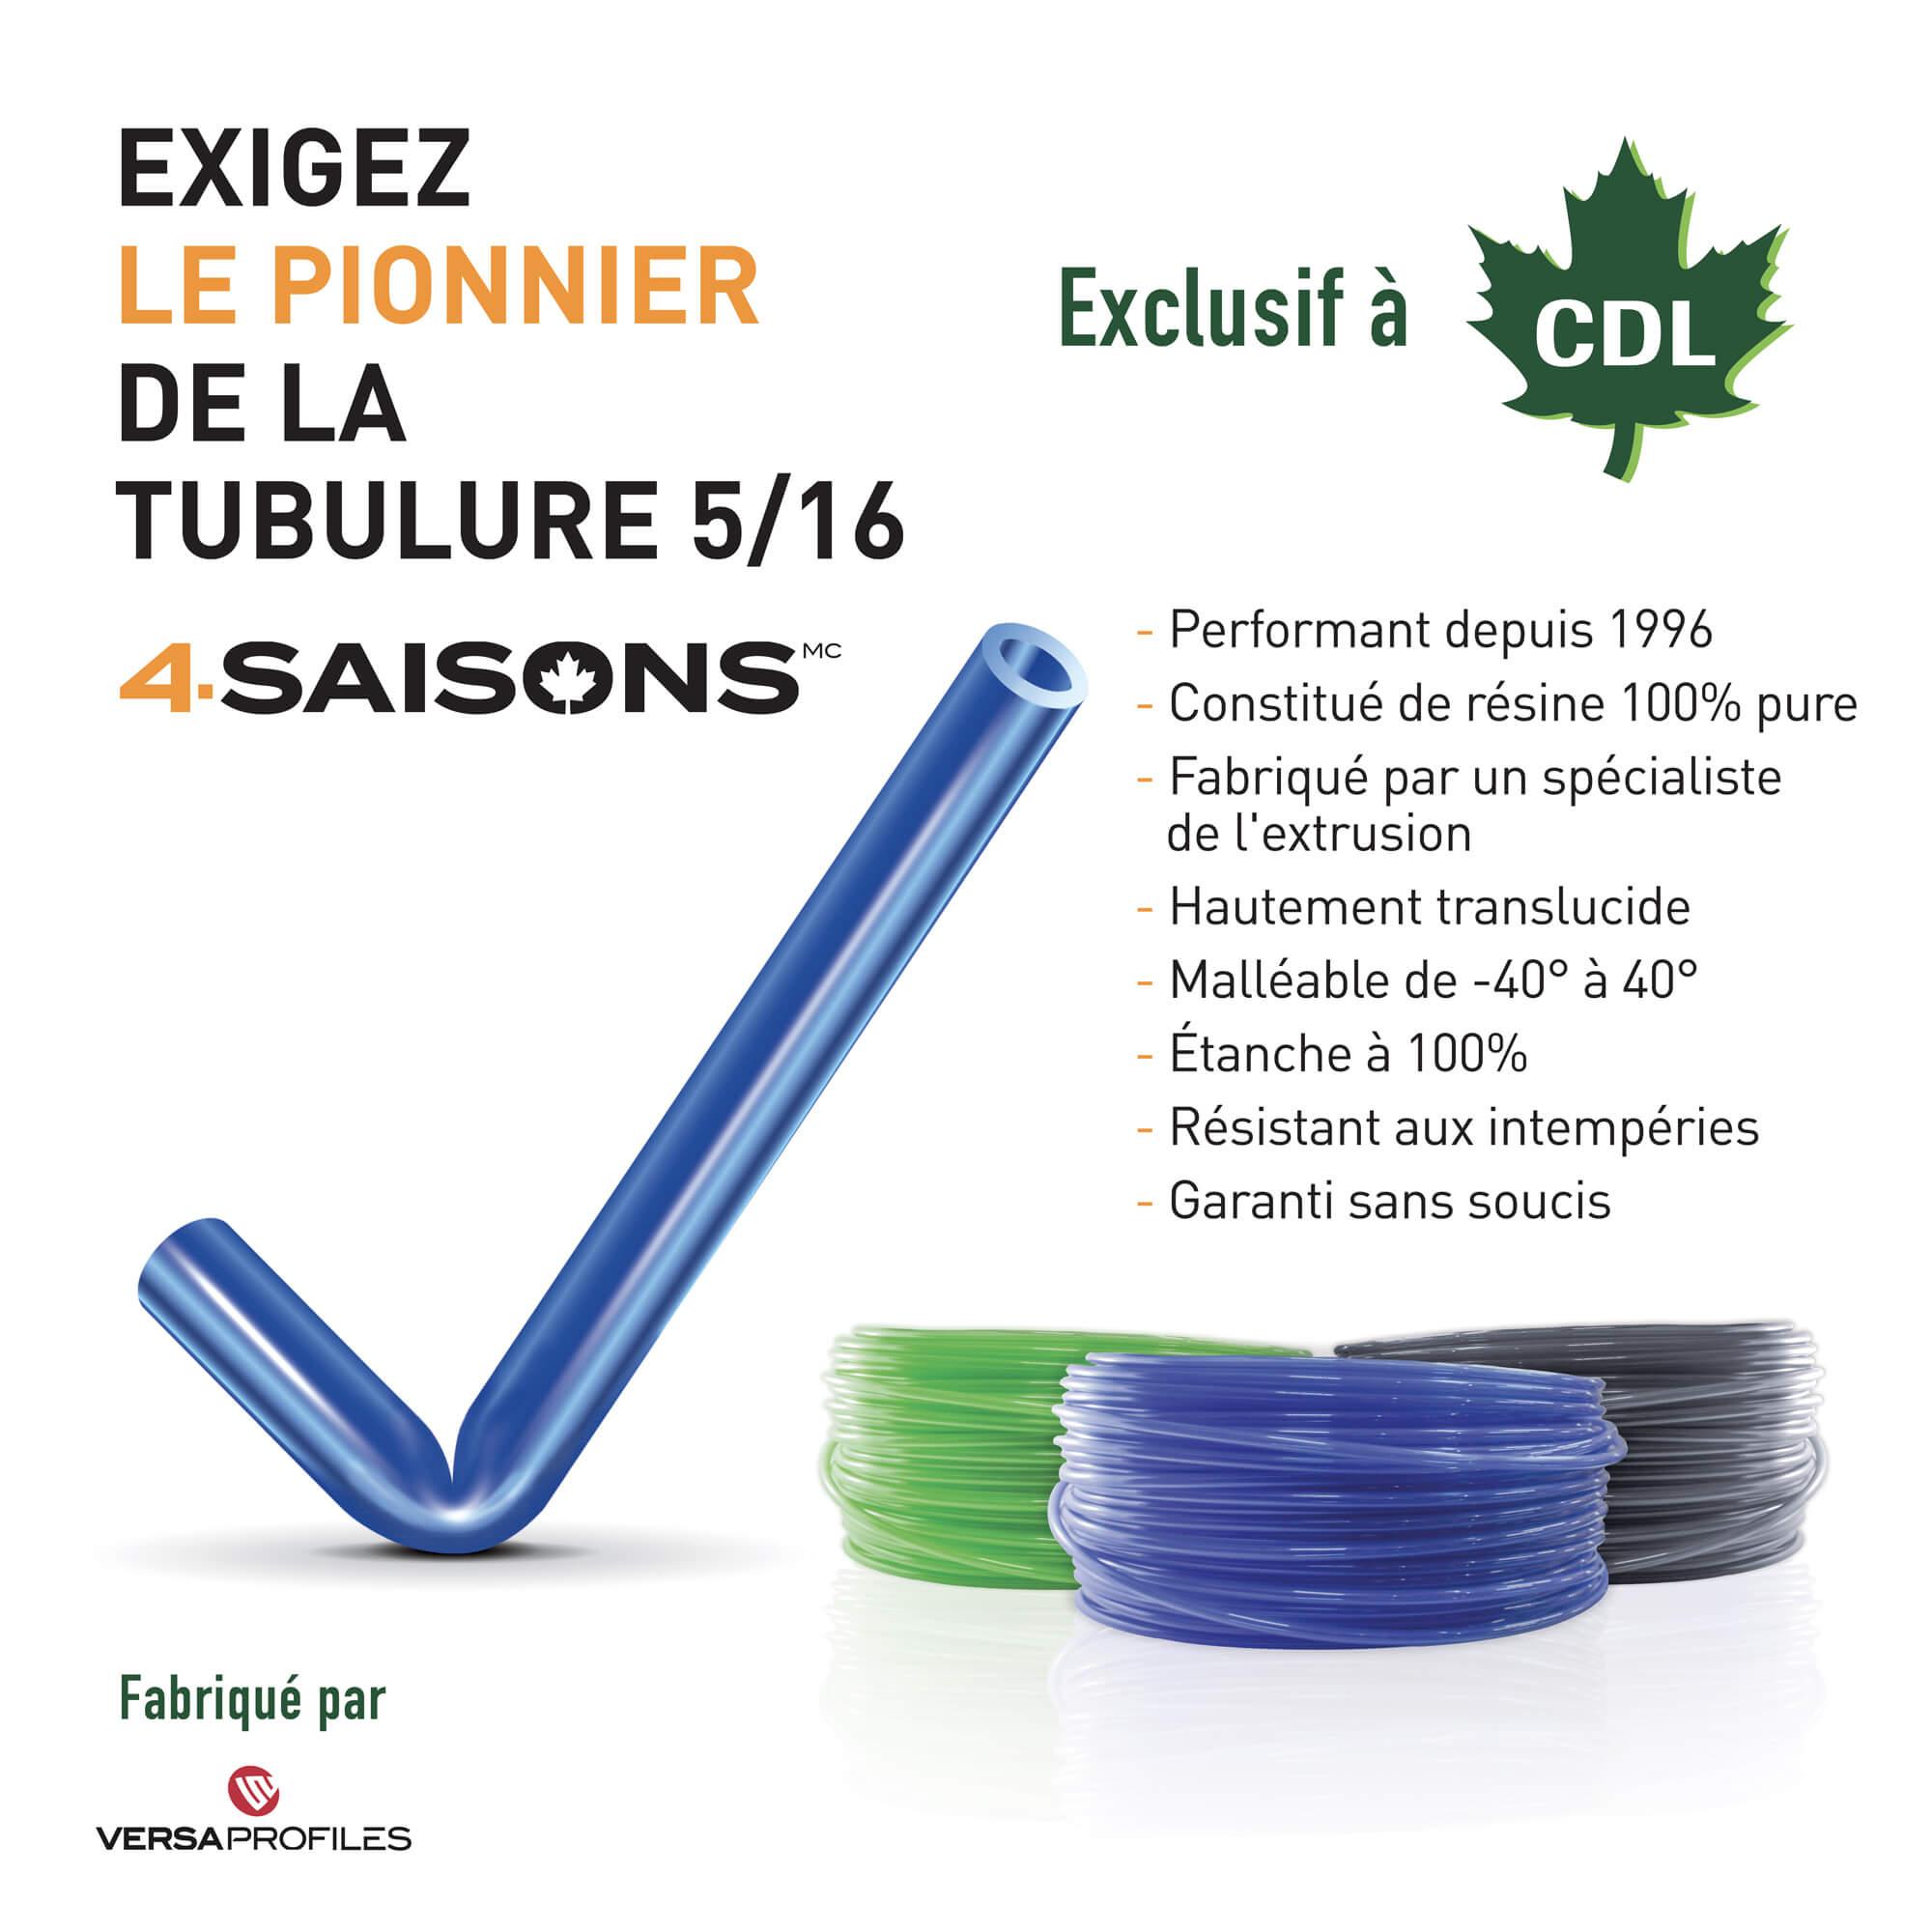 Tubulure 4-Saisons 5/16 CDL